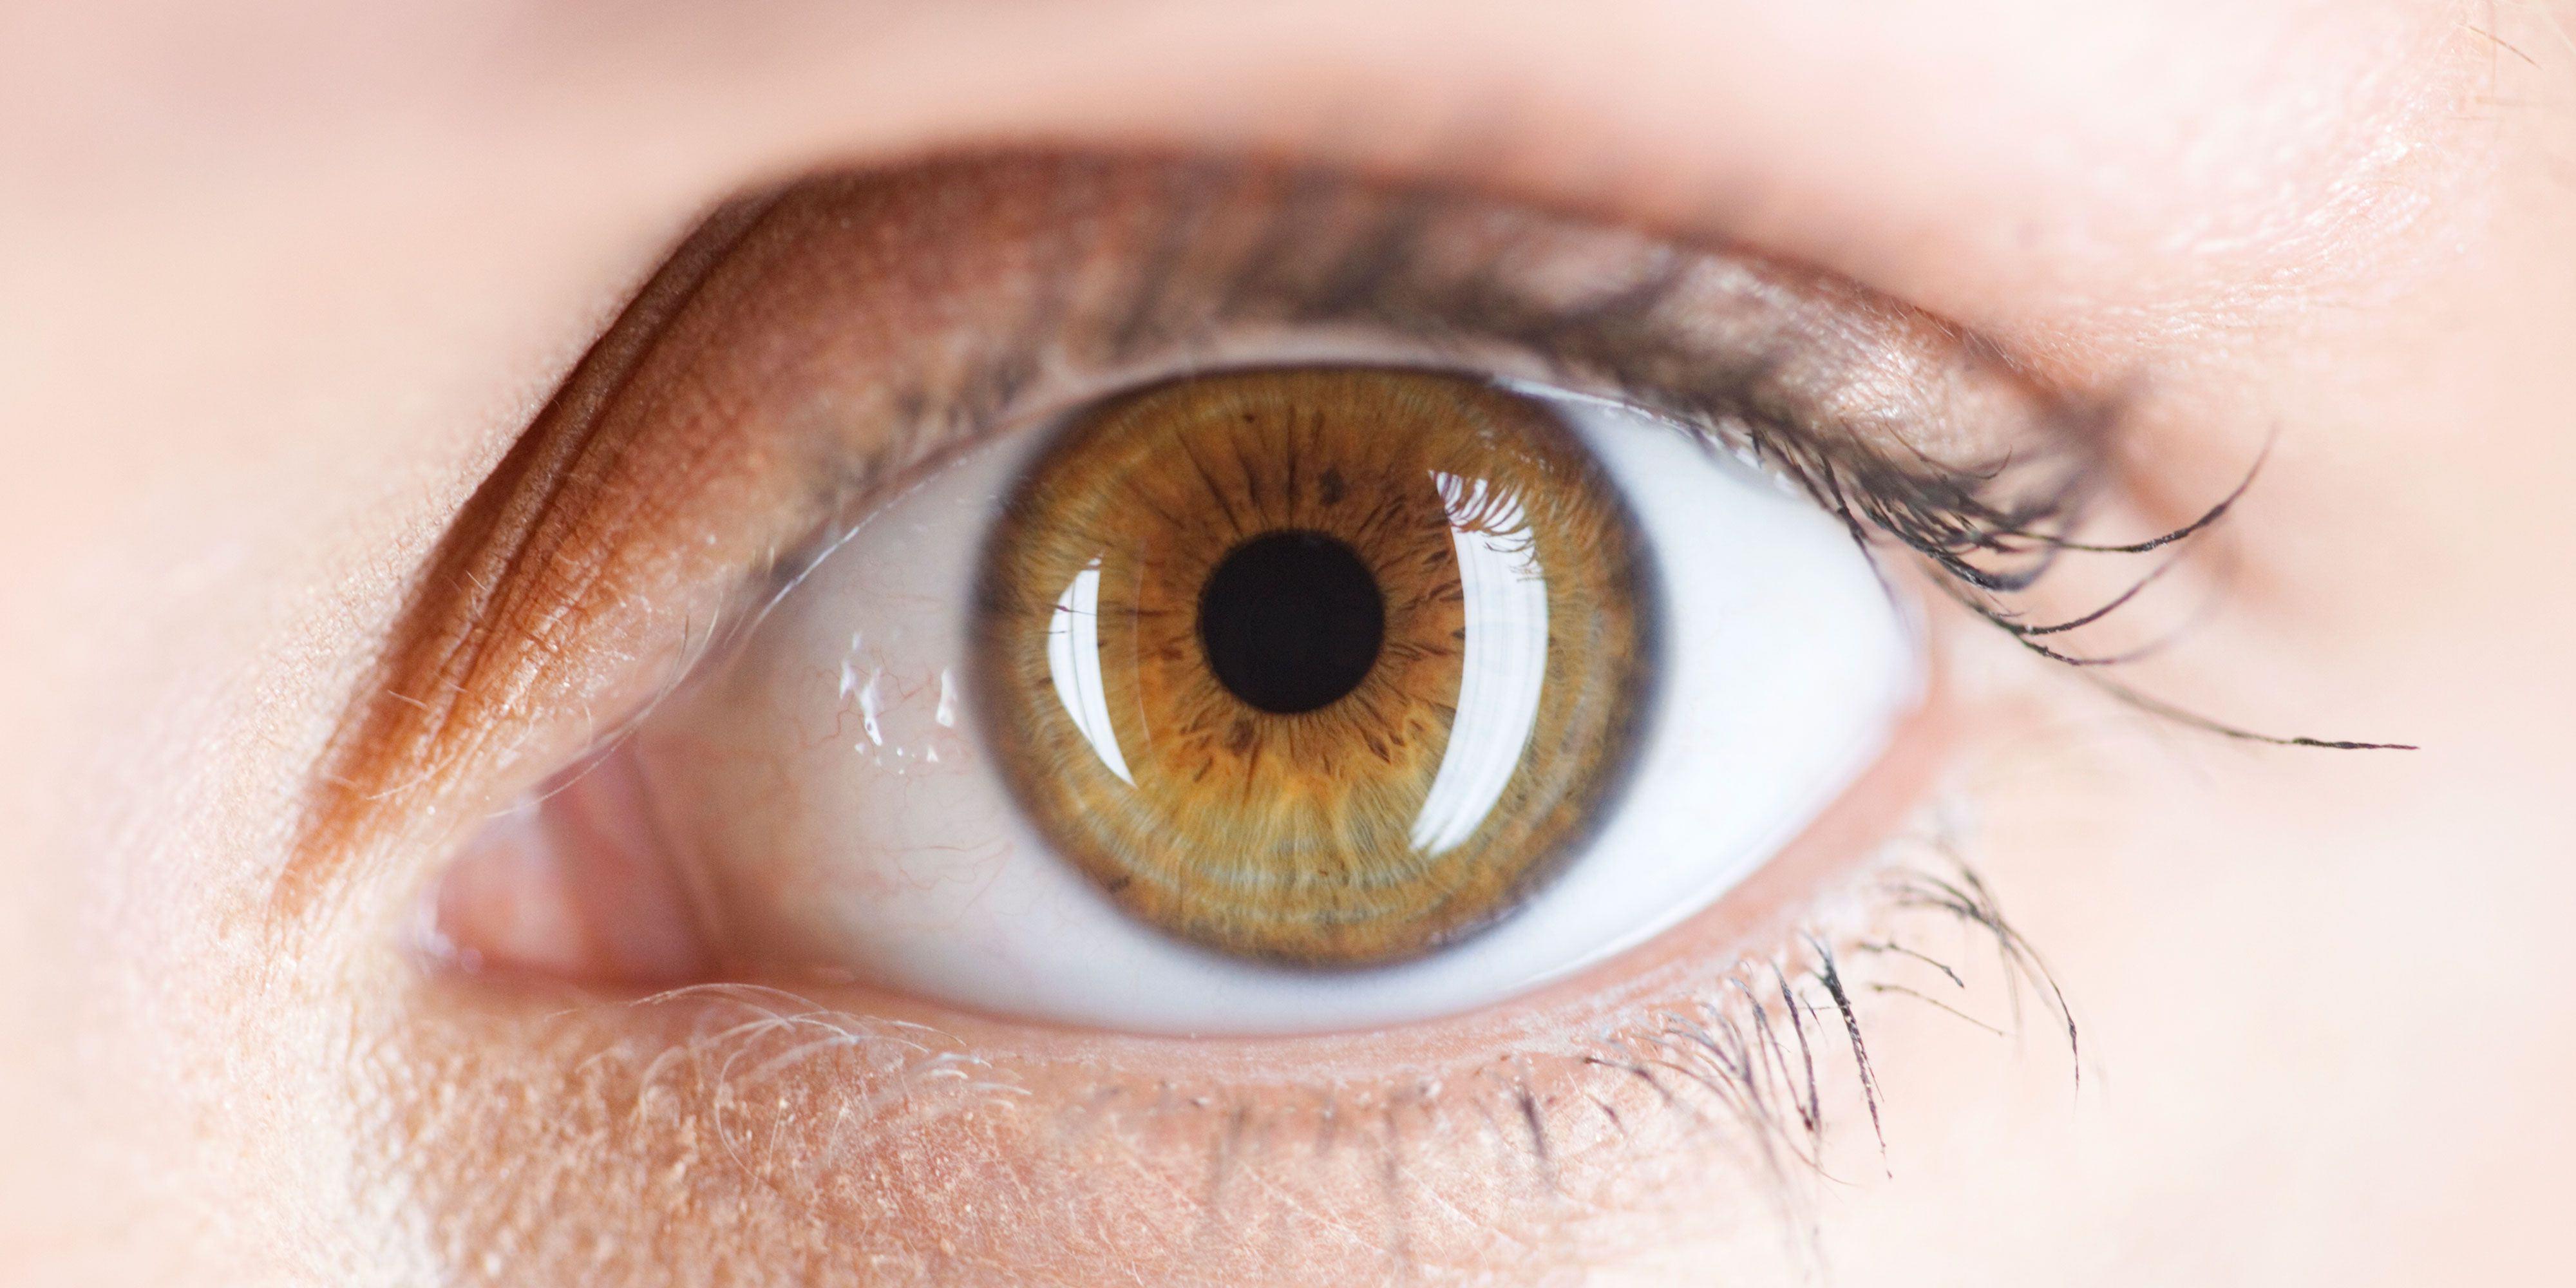 Đôi mắt của con người thay đổi kích thước theo tuổi tác